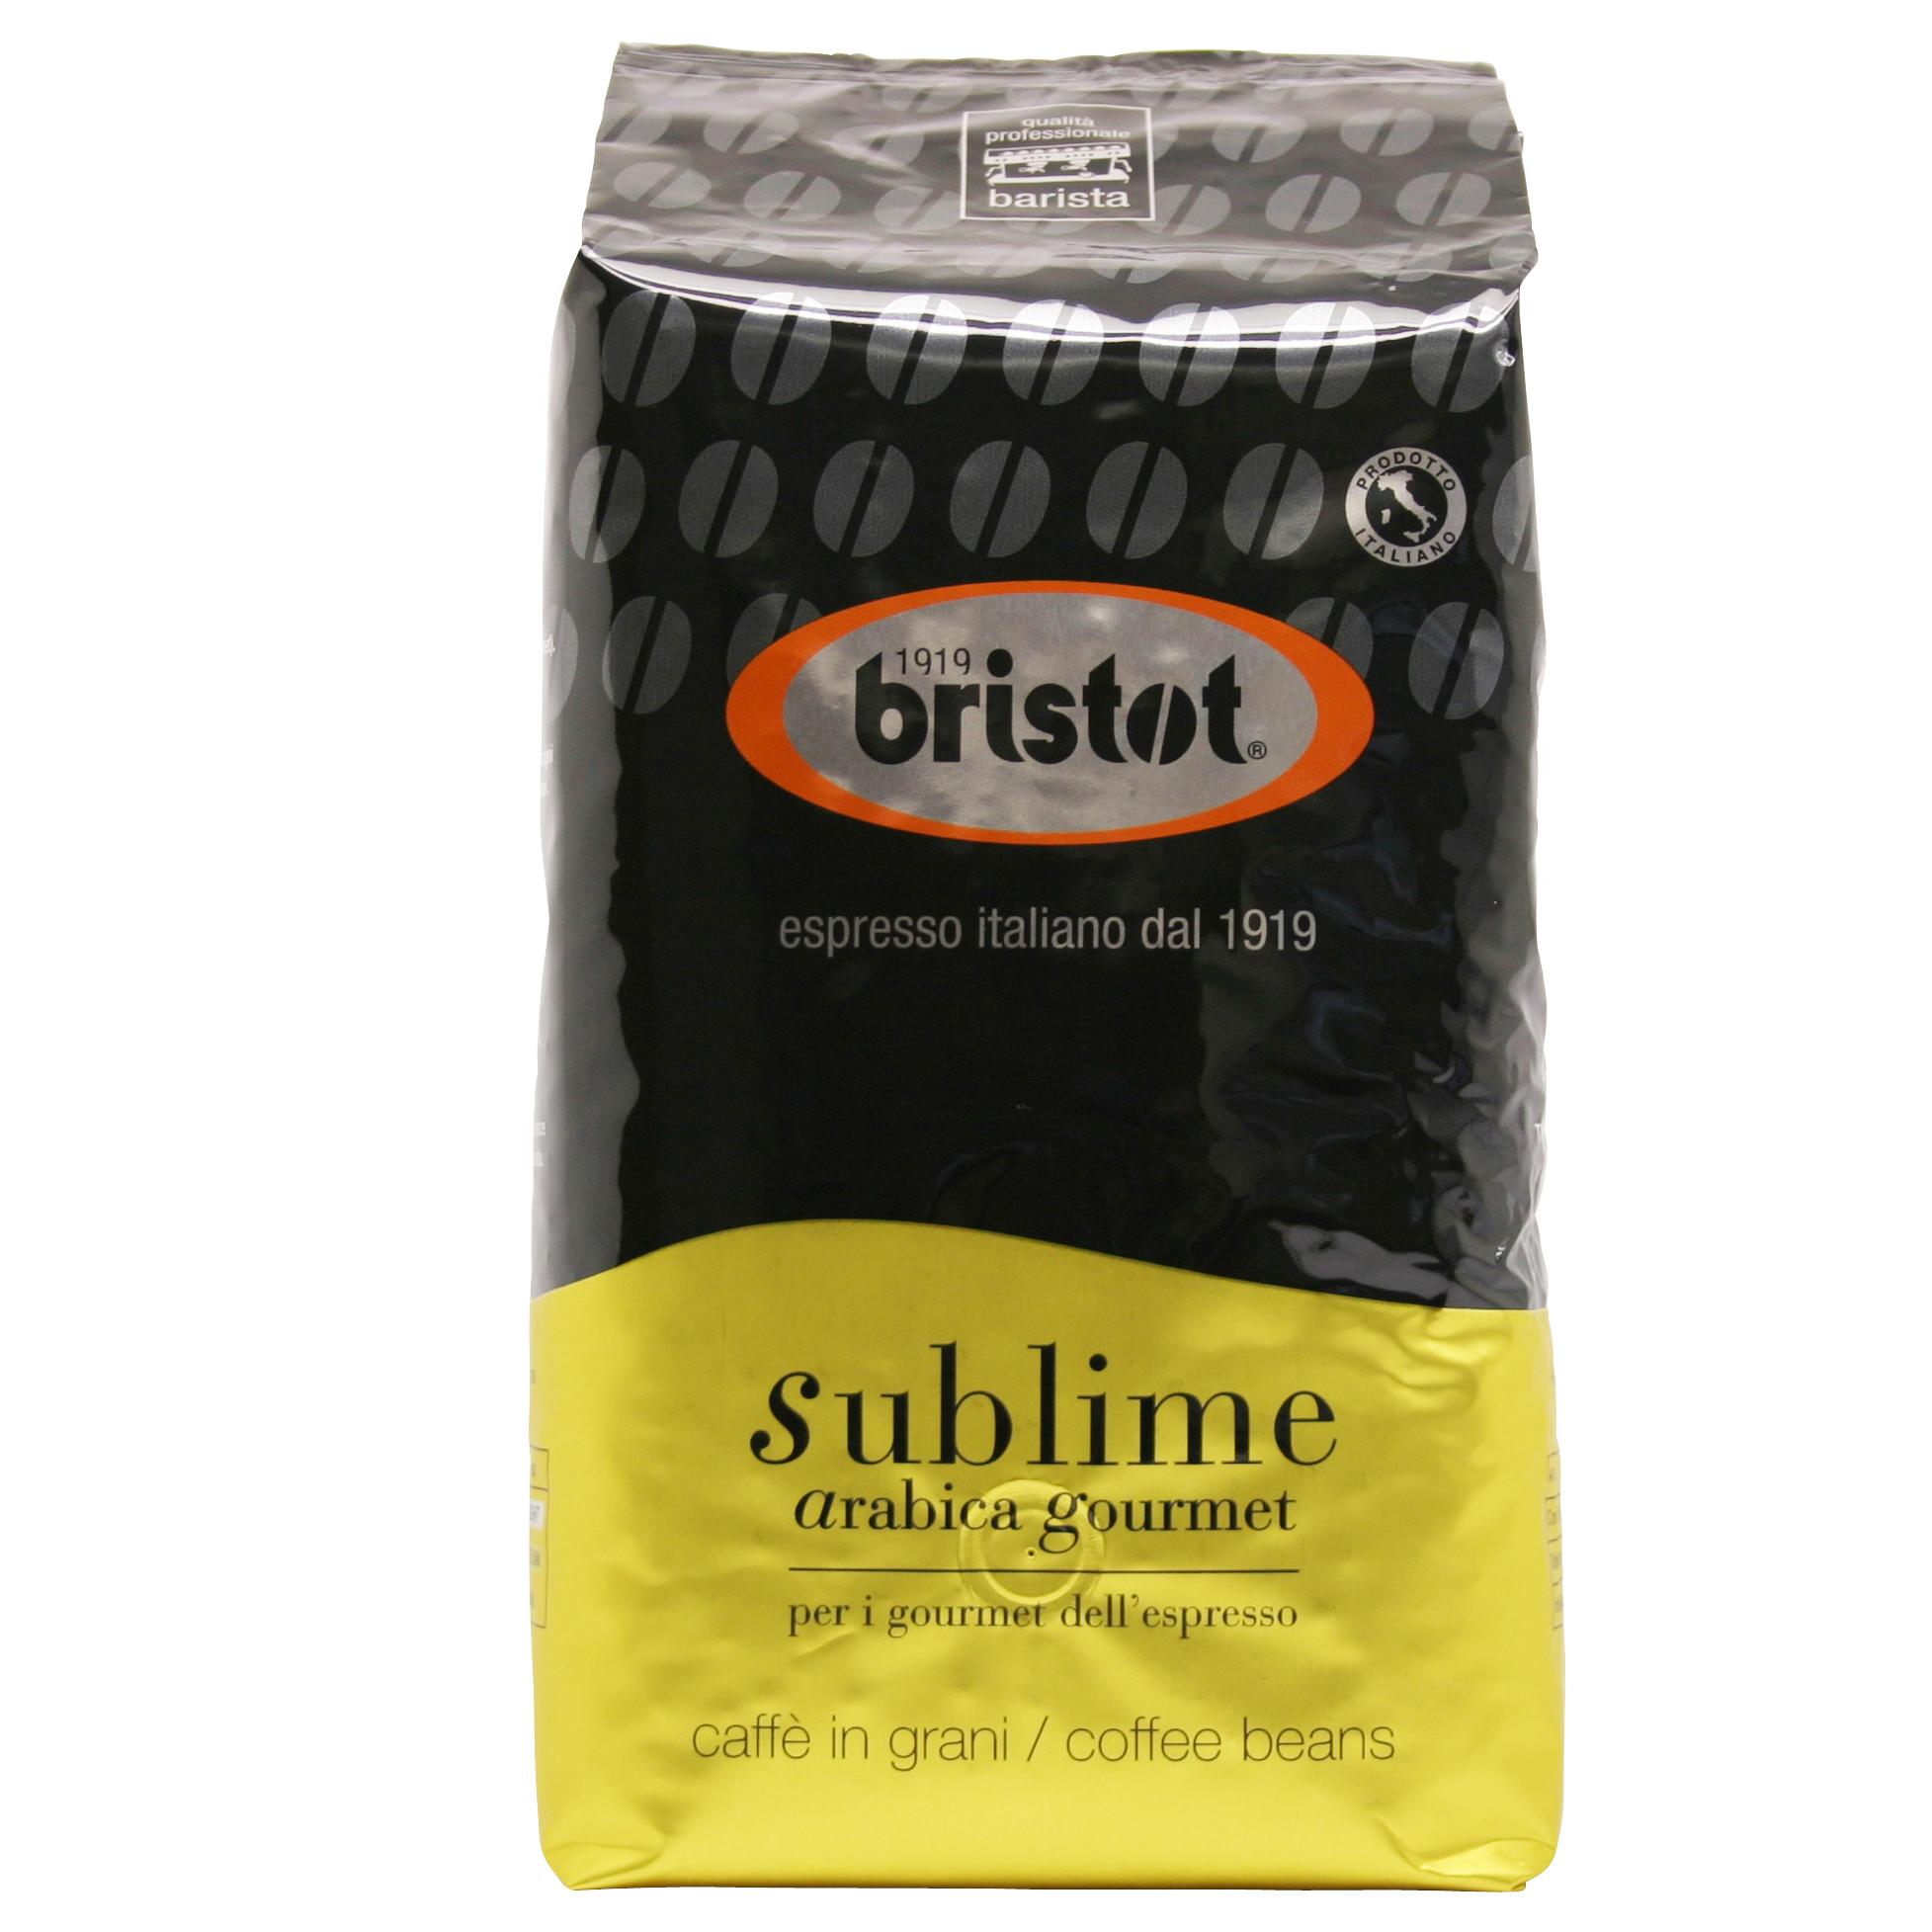 bristot sublime2